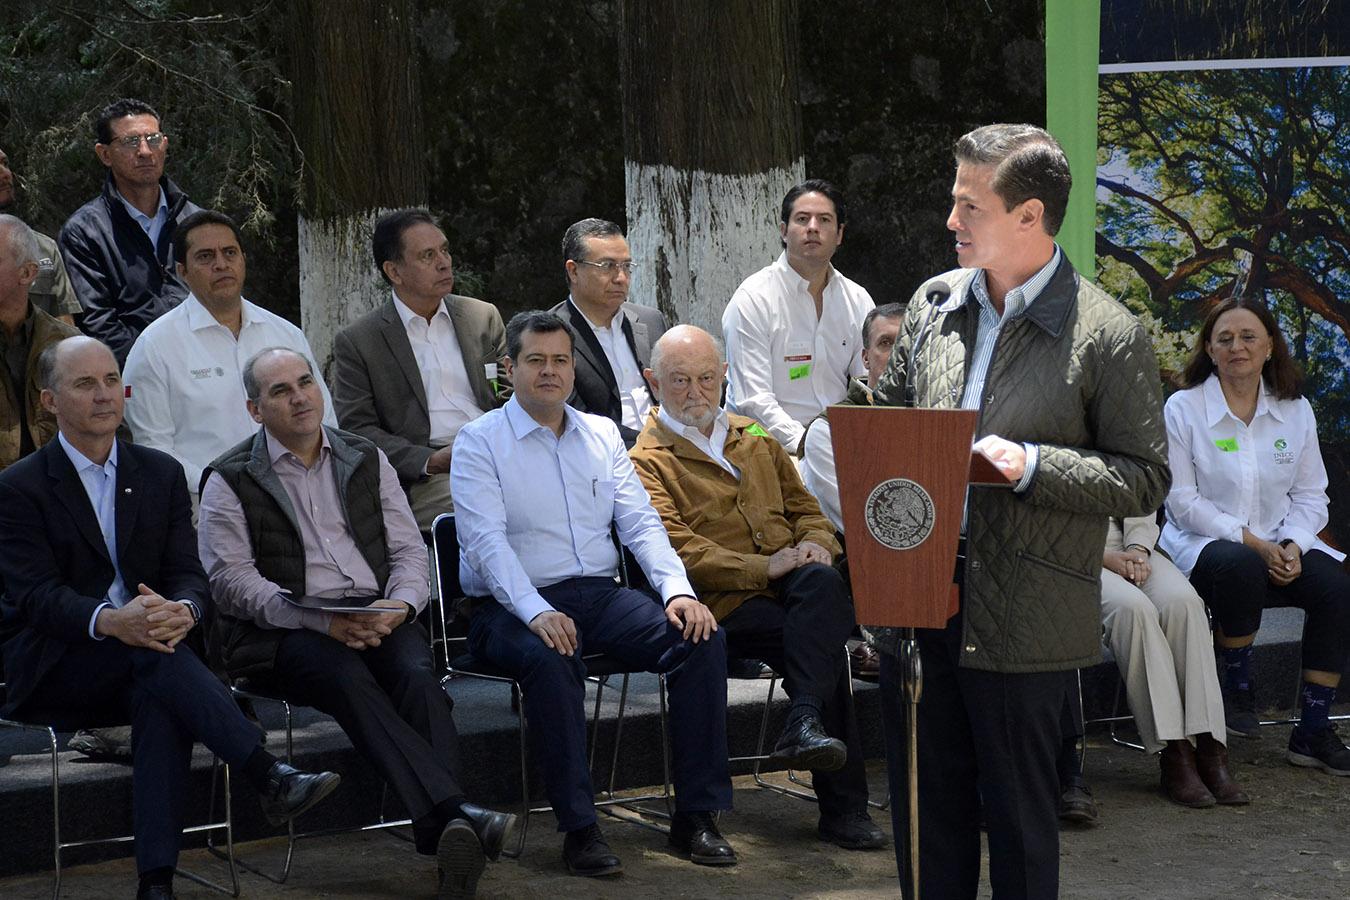 El Presidente de México, Enrique Peña Nieto, destacó que la sinergia en el trabajo de los tres Poderes de la Unión, los tres órdenes de Gobierno, la sociedad civil, la academia y el sector privado ha permitido que el cuidado del medio ambiente sea hoy una política de Estado.